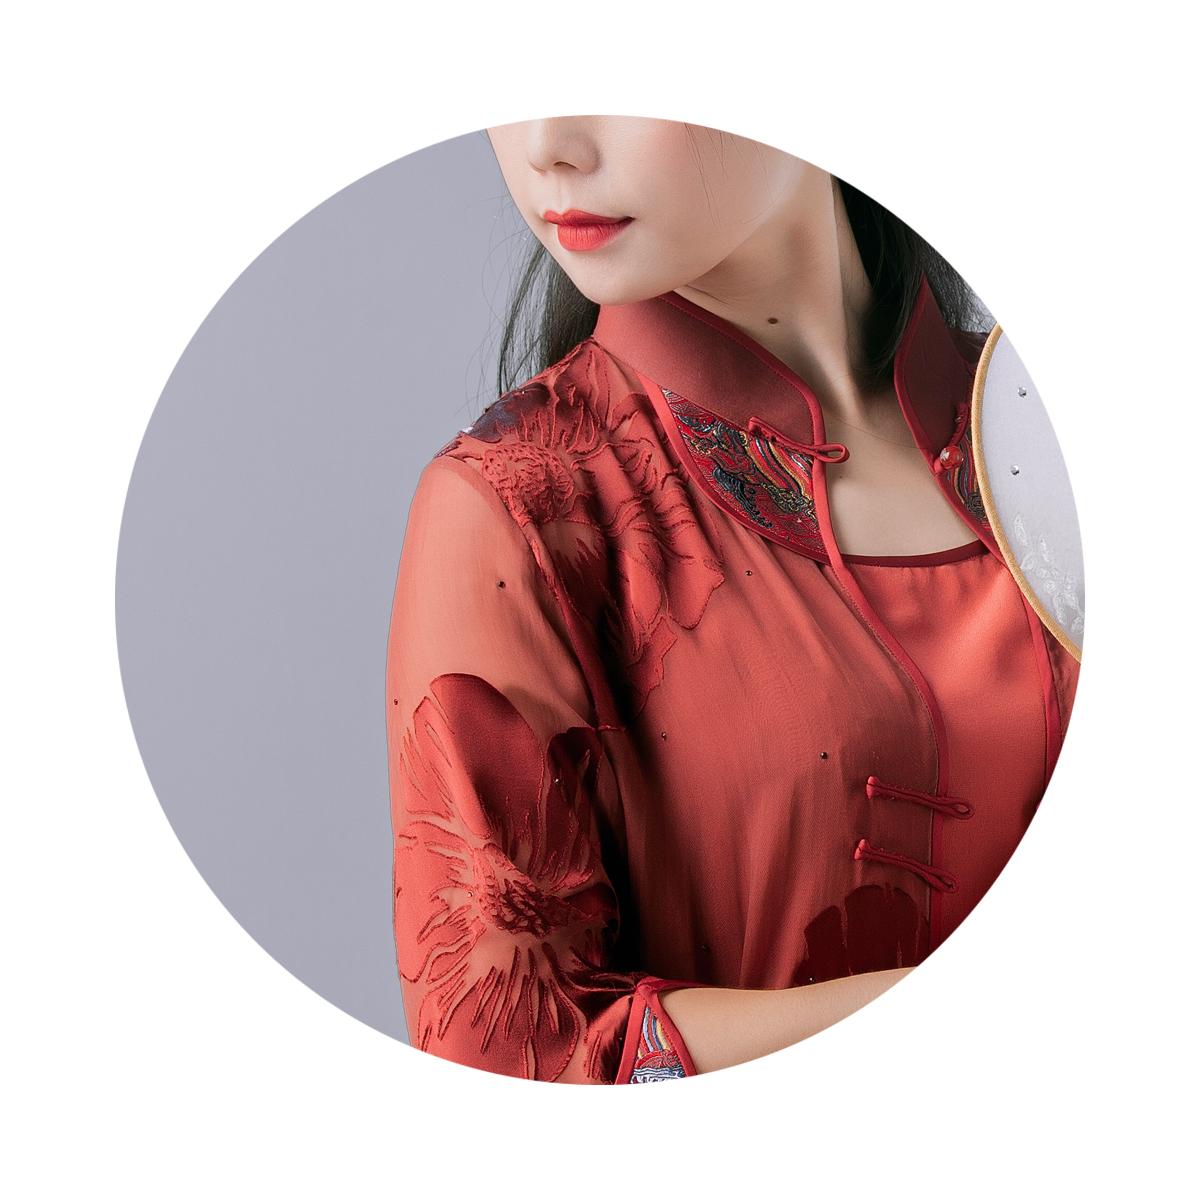 锦时工坊旗袍服装定制 暗彩流光  真丝烂花绒真丝双绉三件套